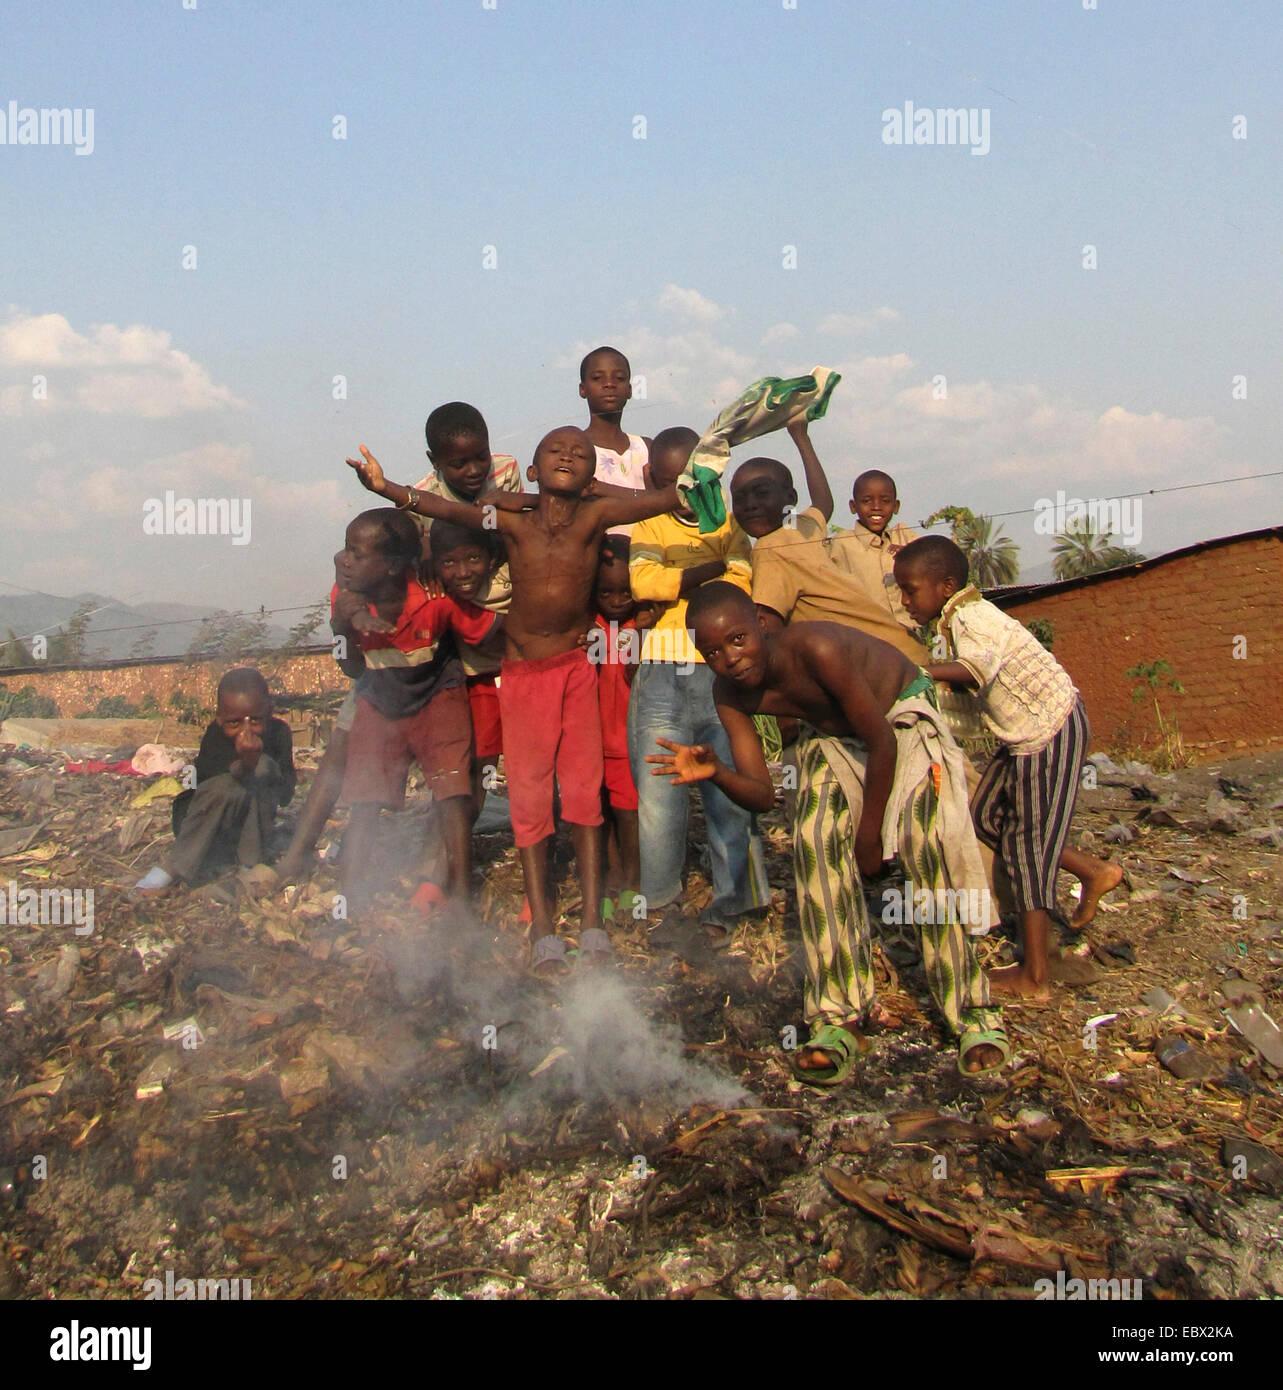 kids posing on a waste dump at the slums behind burning garbage, Burundi, Bujumbura mairie, Buyenzi, Bujumbura - Stock Image